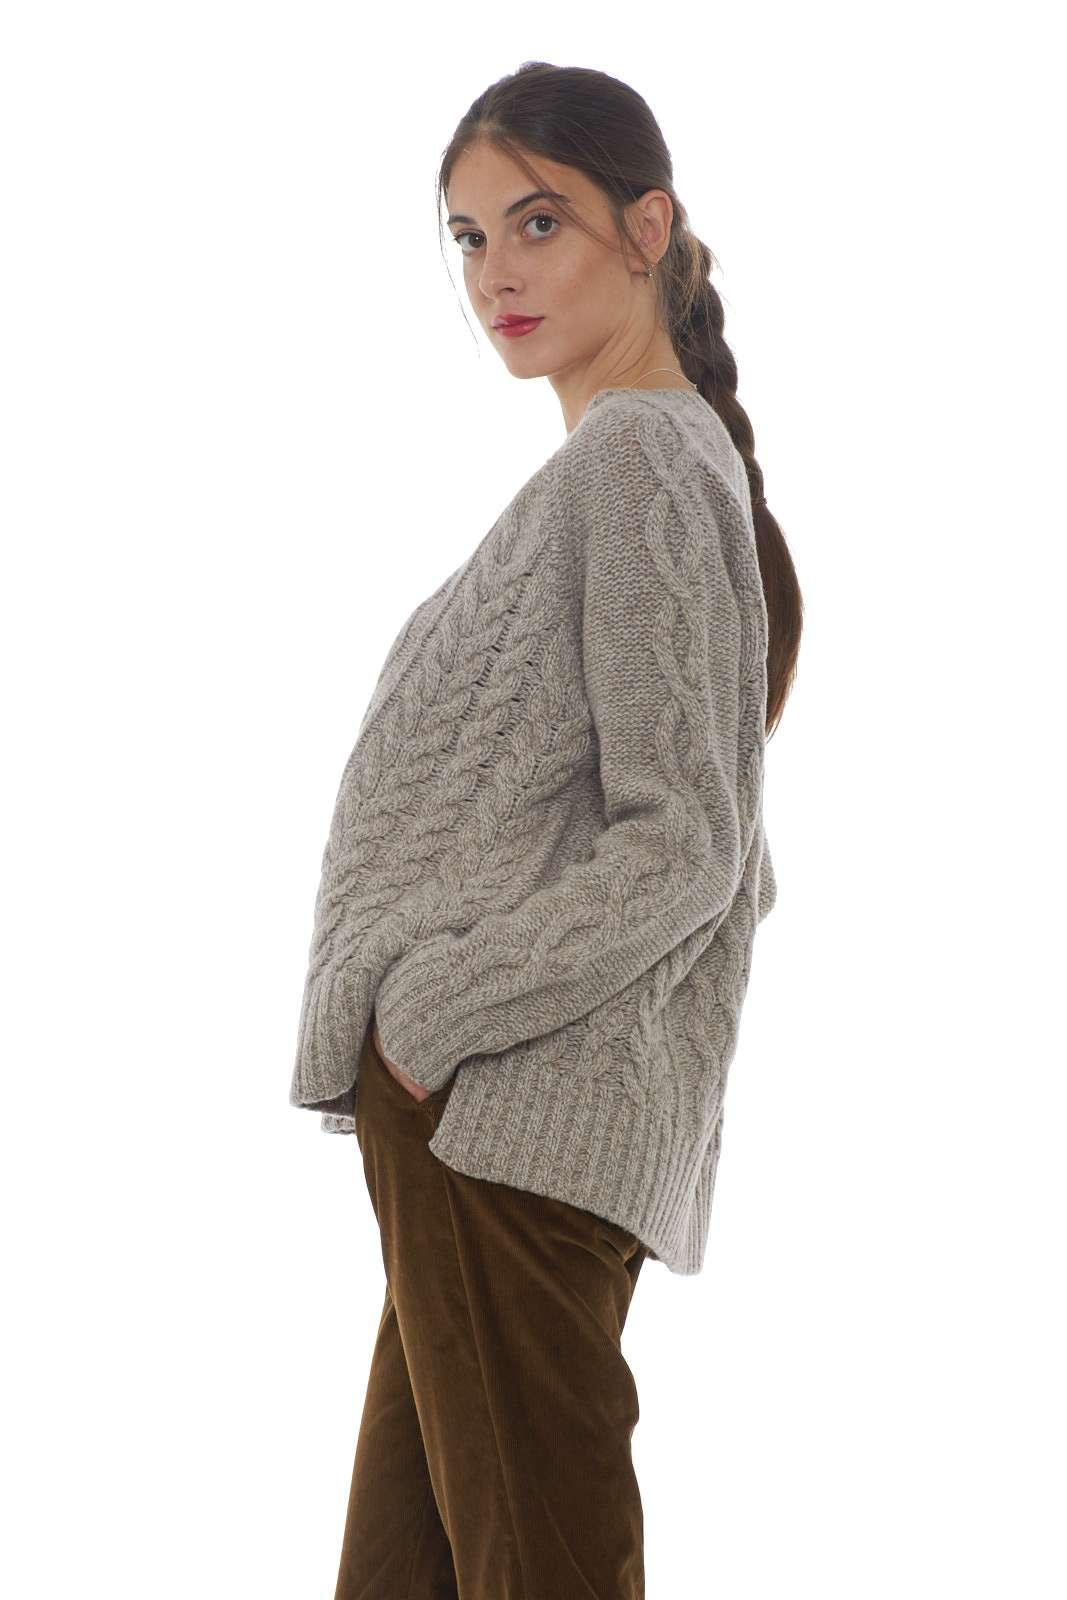 https://www.parmax.com/media/catalog/product/a/i/AI-outlet_parmax-maglia-donna-MaxMara-53660893-B.jpg